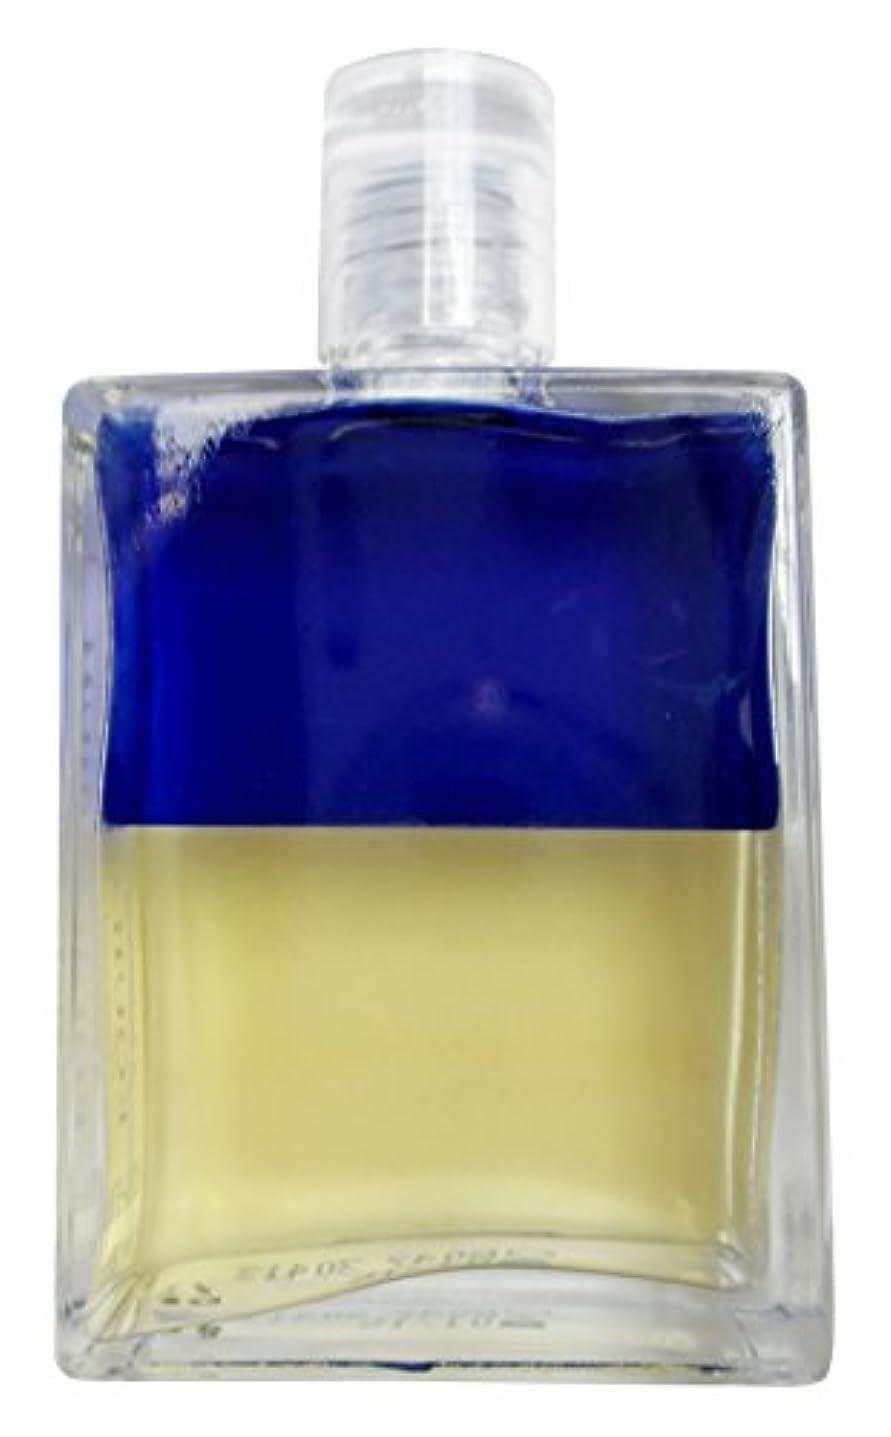 気性物理的に具体的にB47古い魂 オーラーソーマ イクイリブリアムボトル